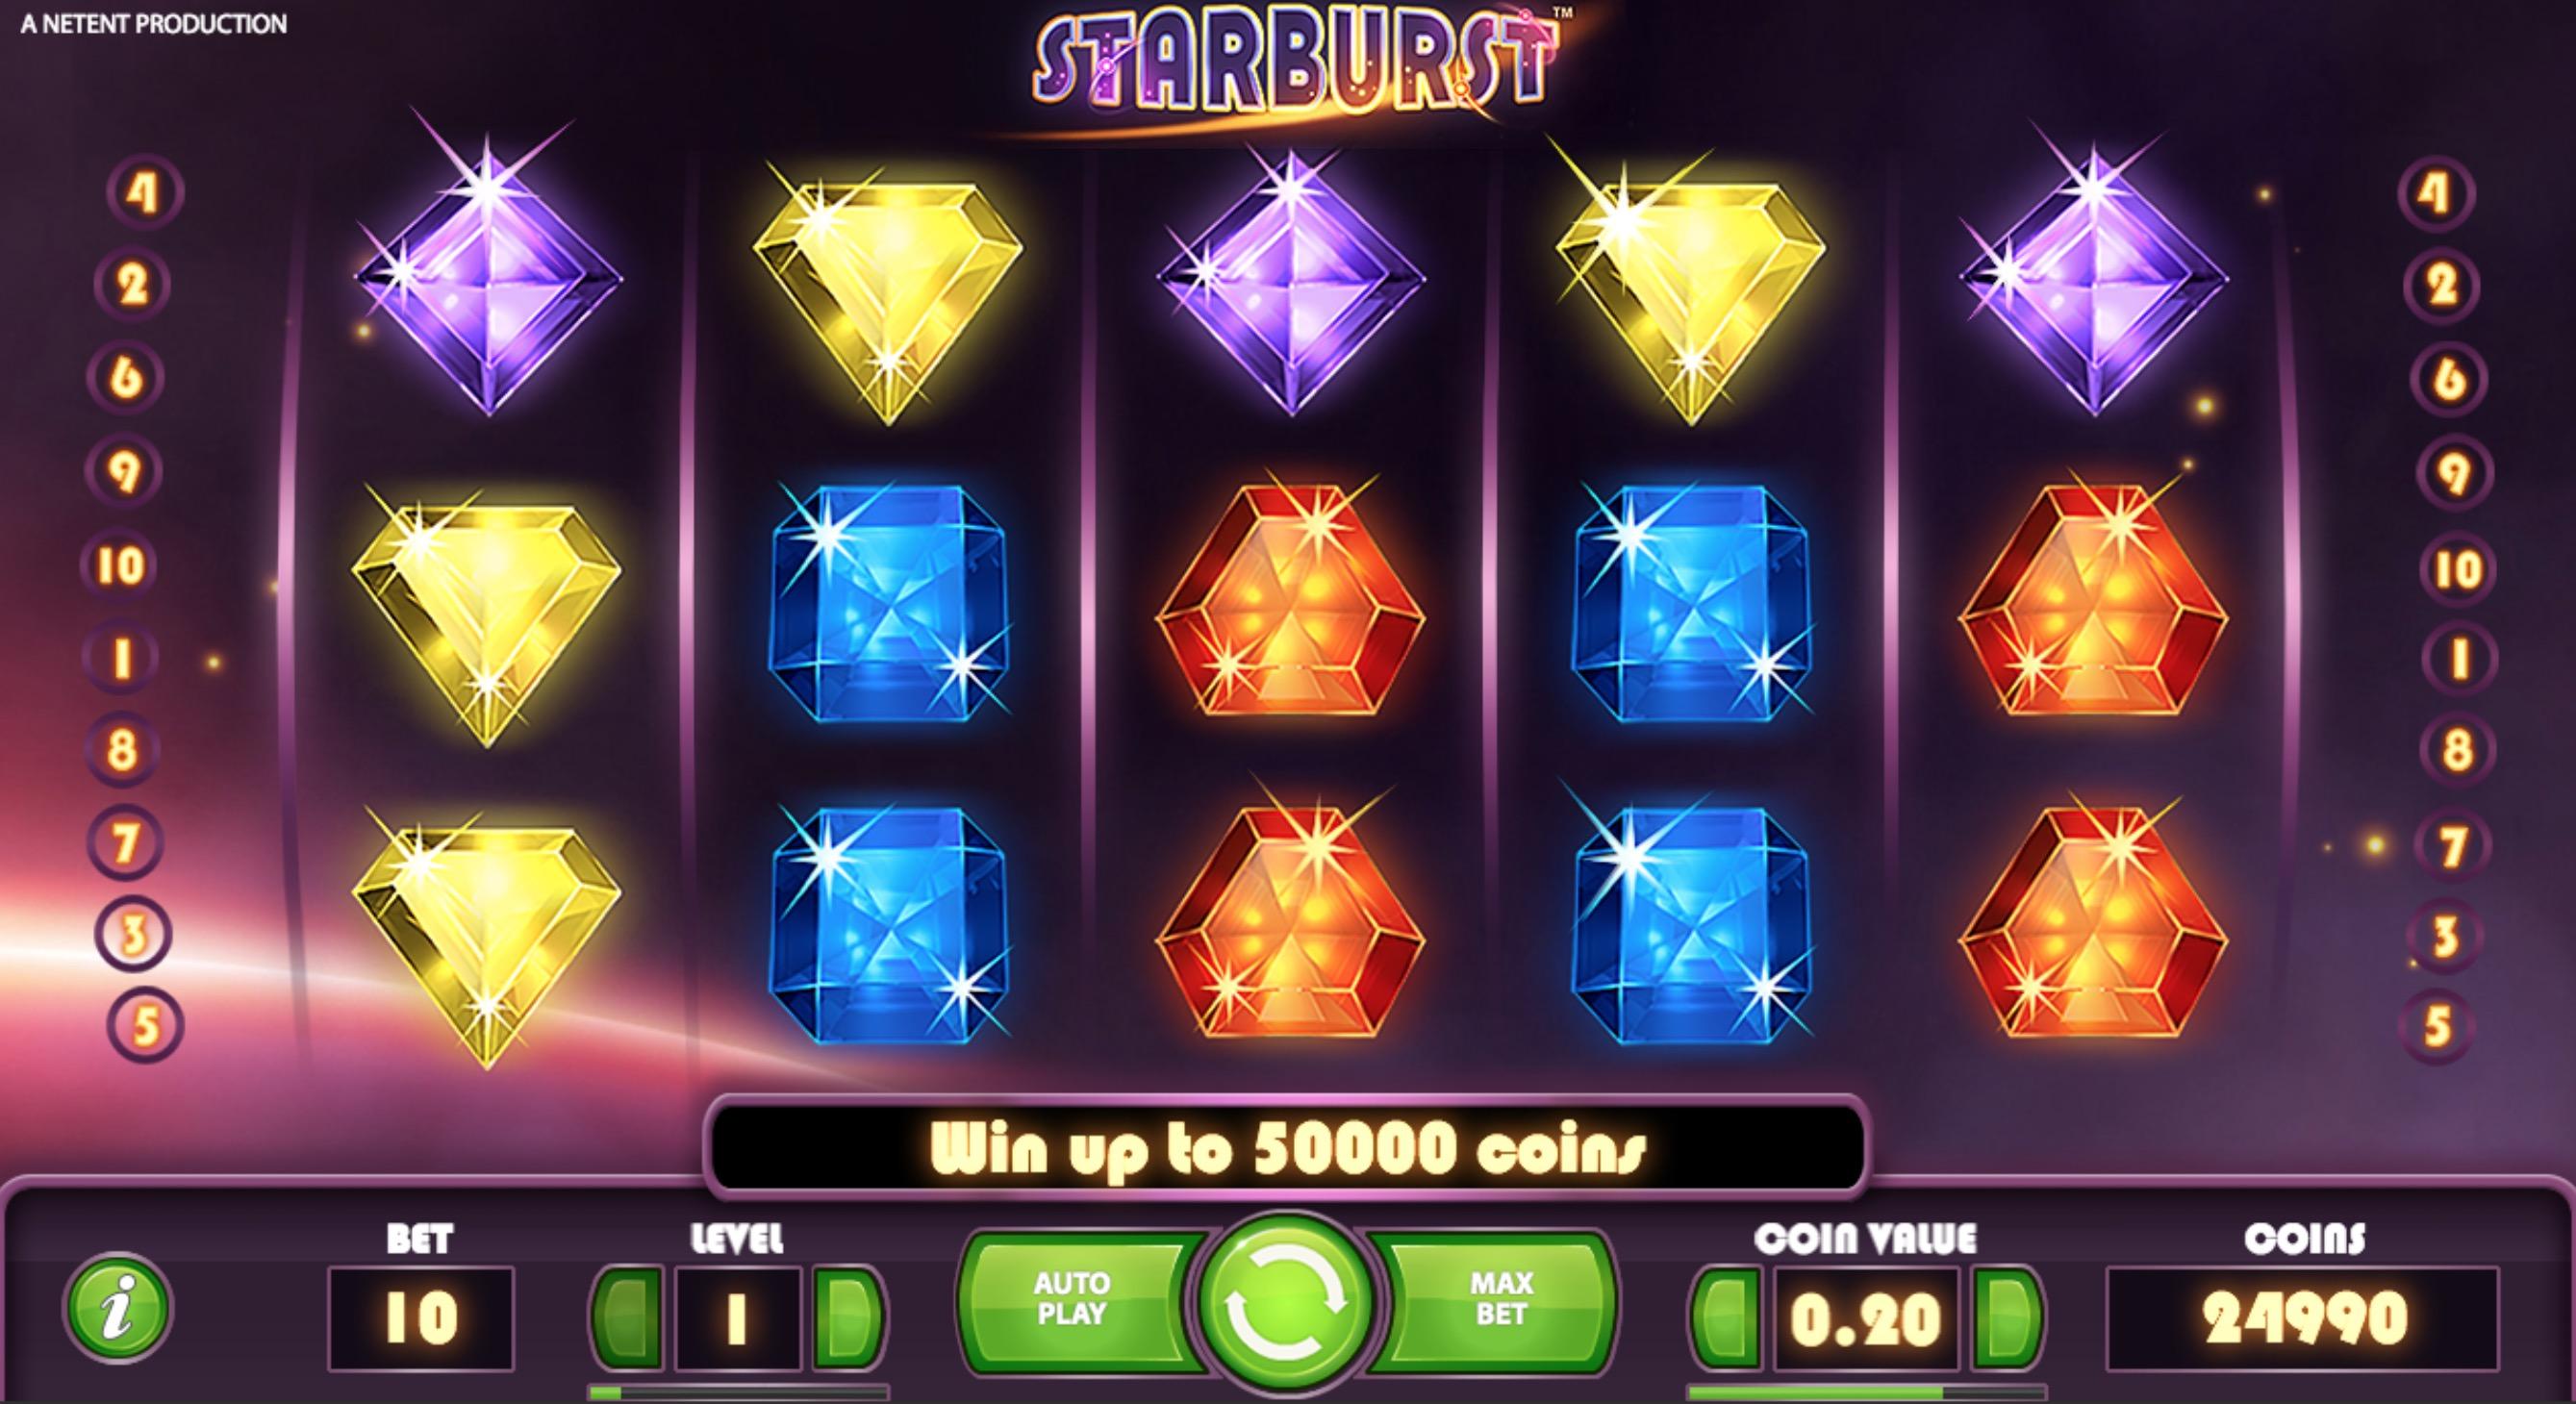 Starburst free demo